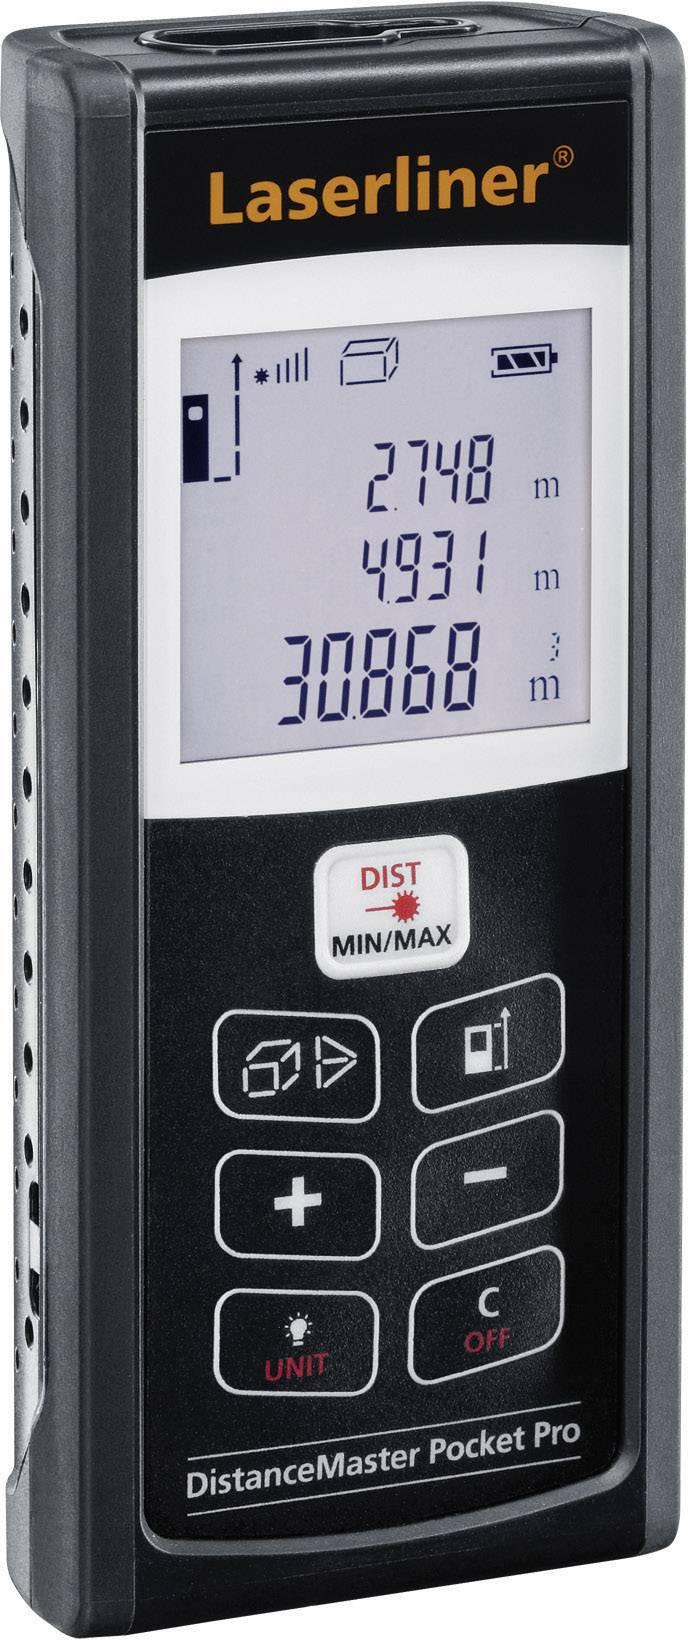 Laserový měřič vzdálenosti Laserliner DistanceMaster Pocket Pro 080.948A, max. rozsah 50 m, kalibrace dle ISO